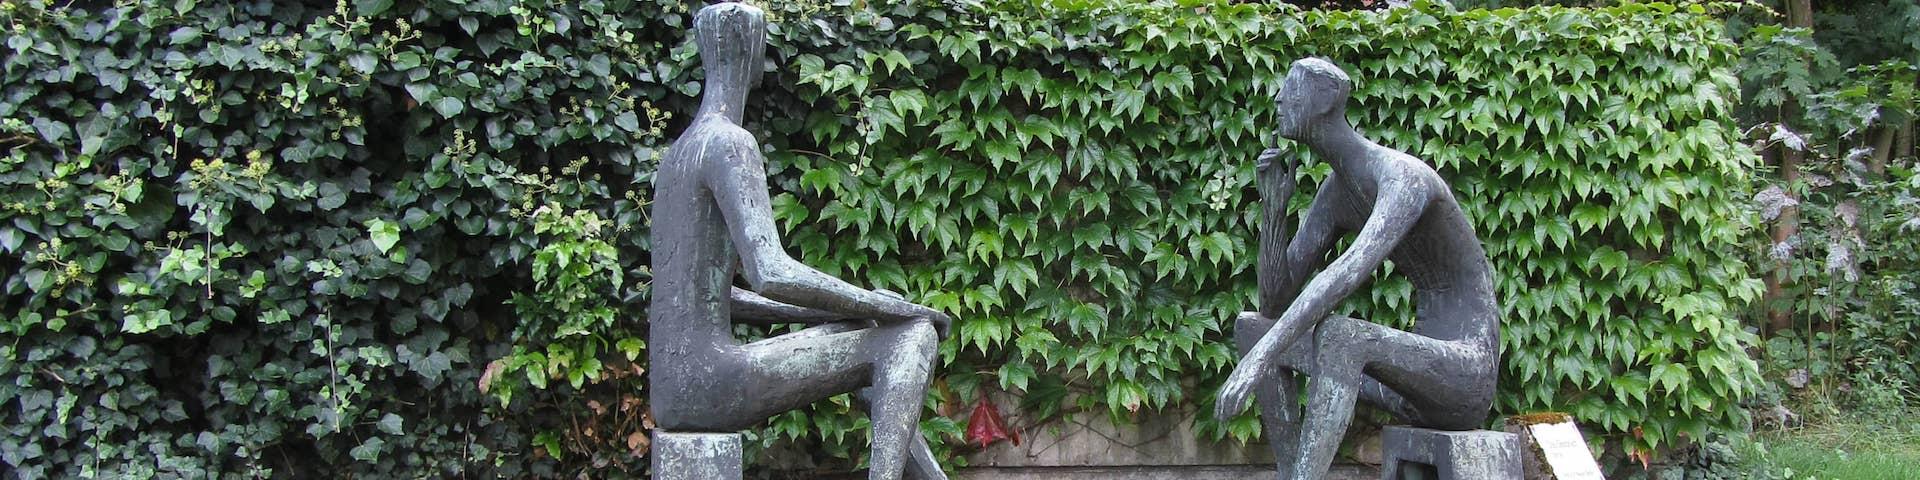 Bild einer Skulptur